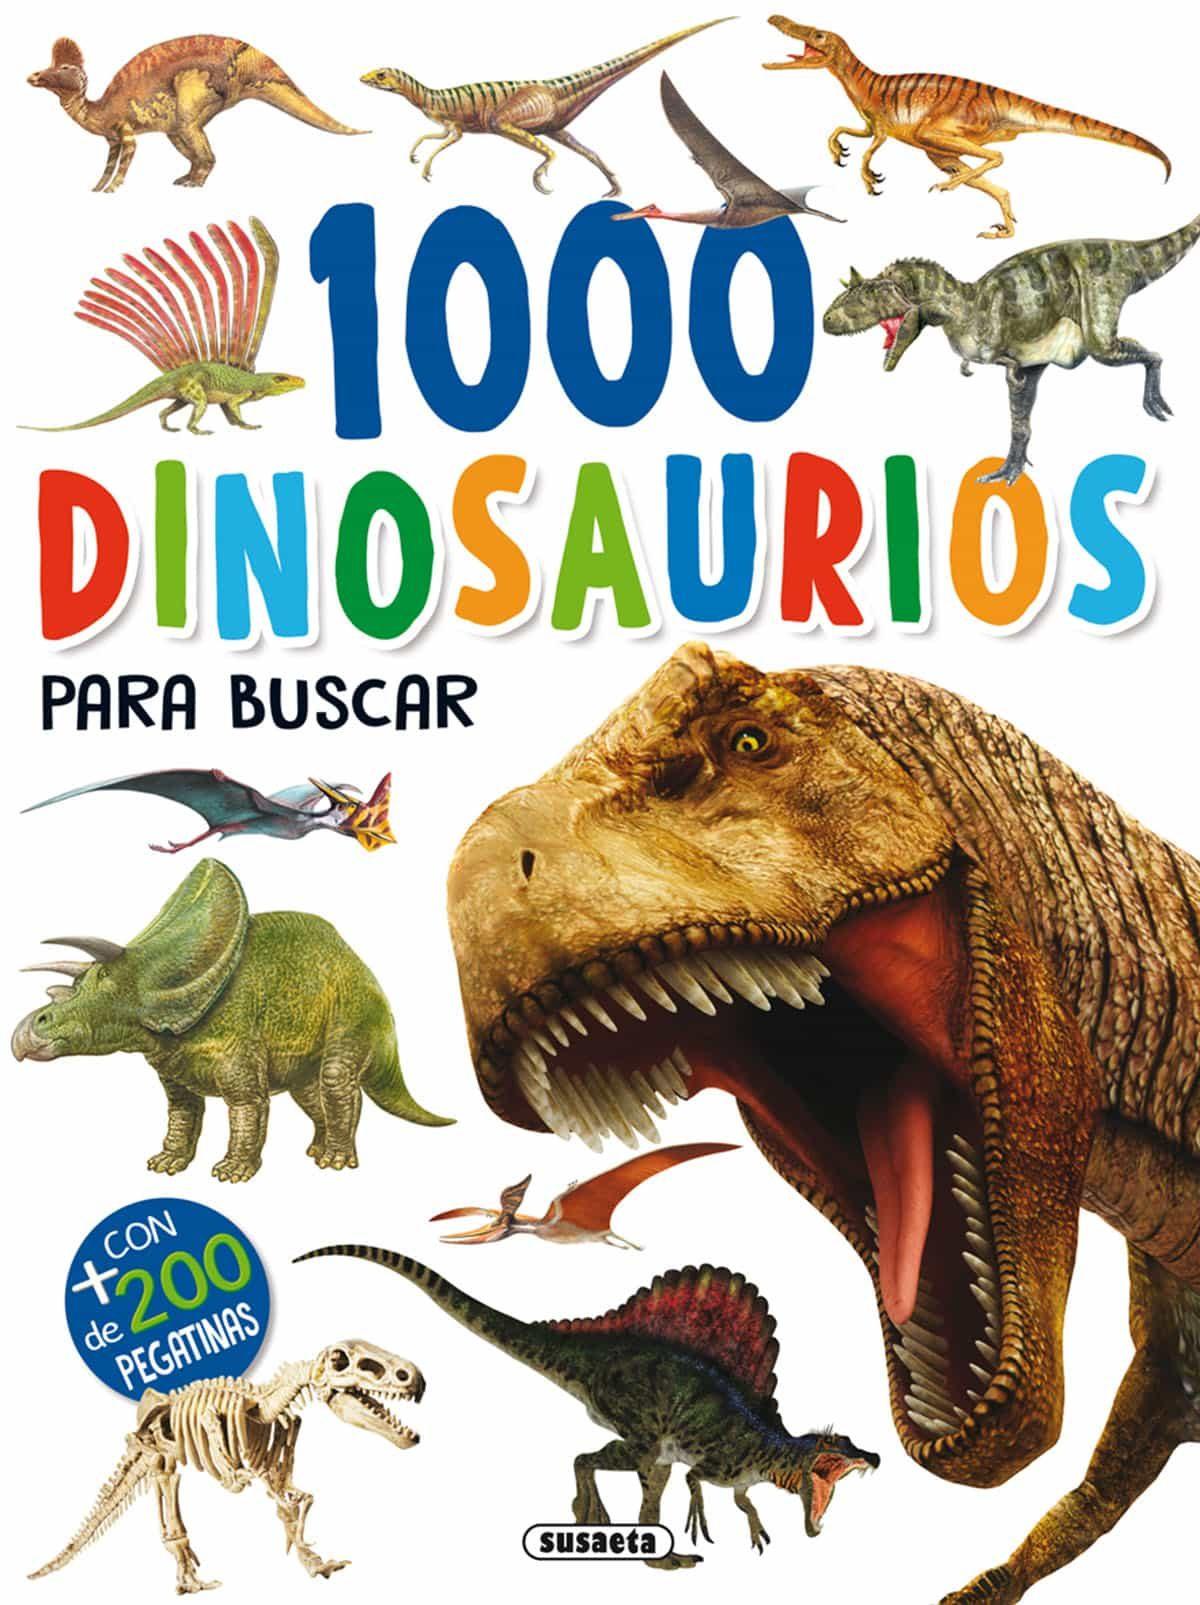 1000 Dinosaurios Para Buscar por Vv.aa.